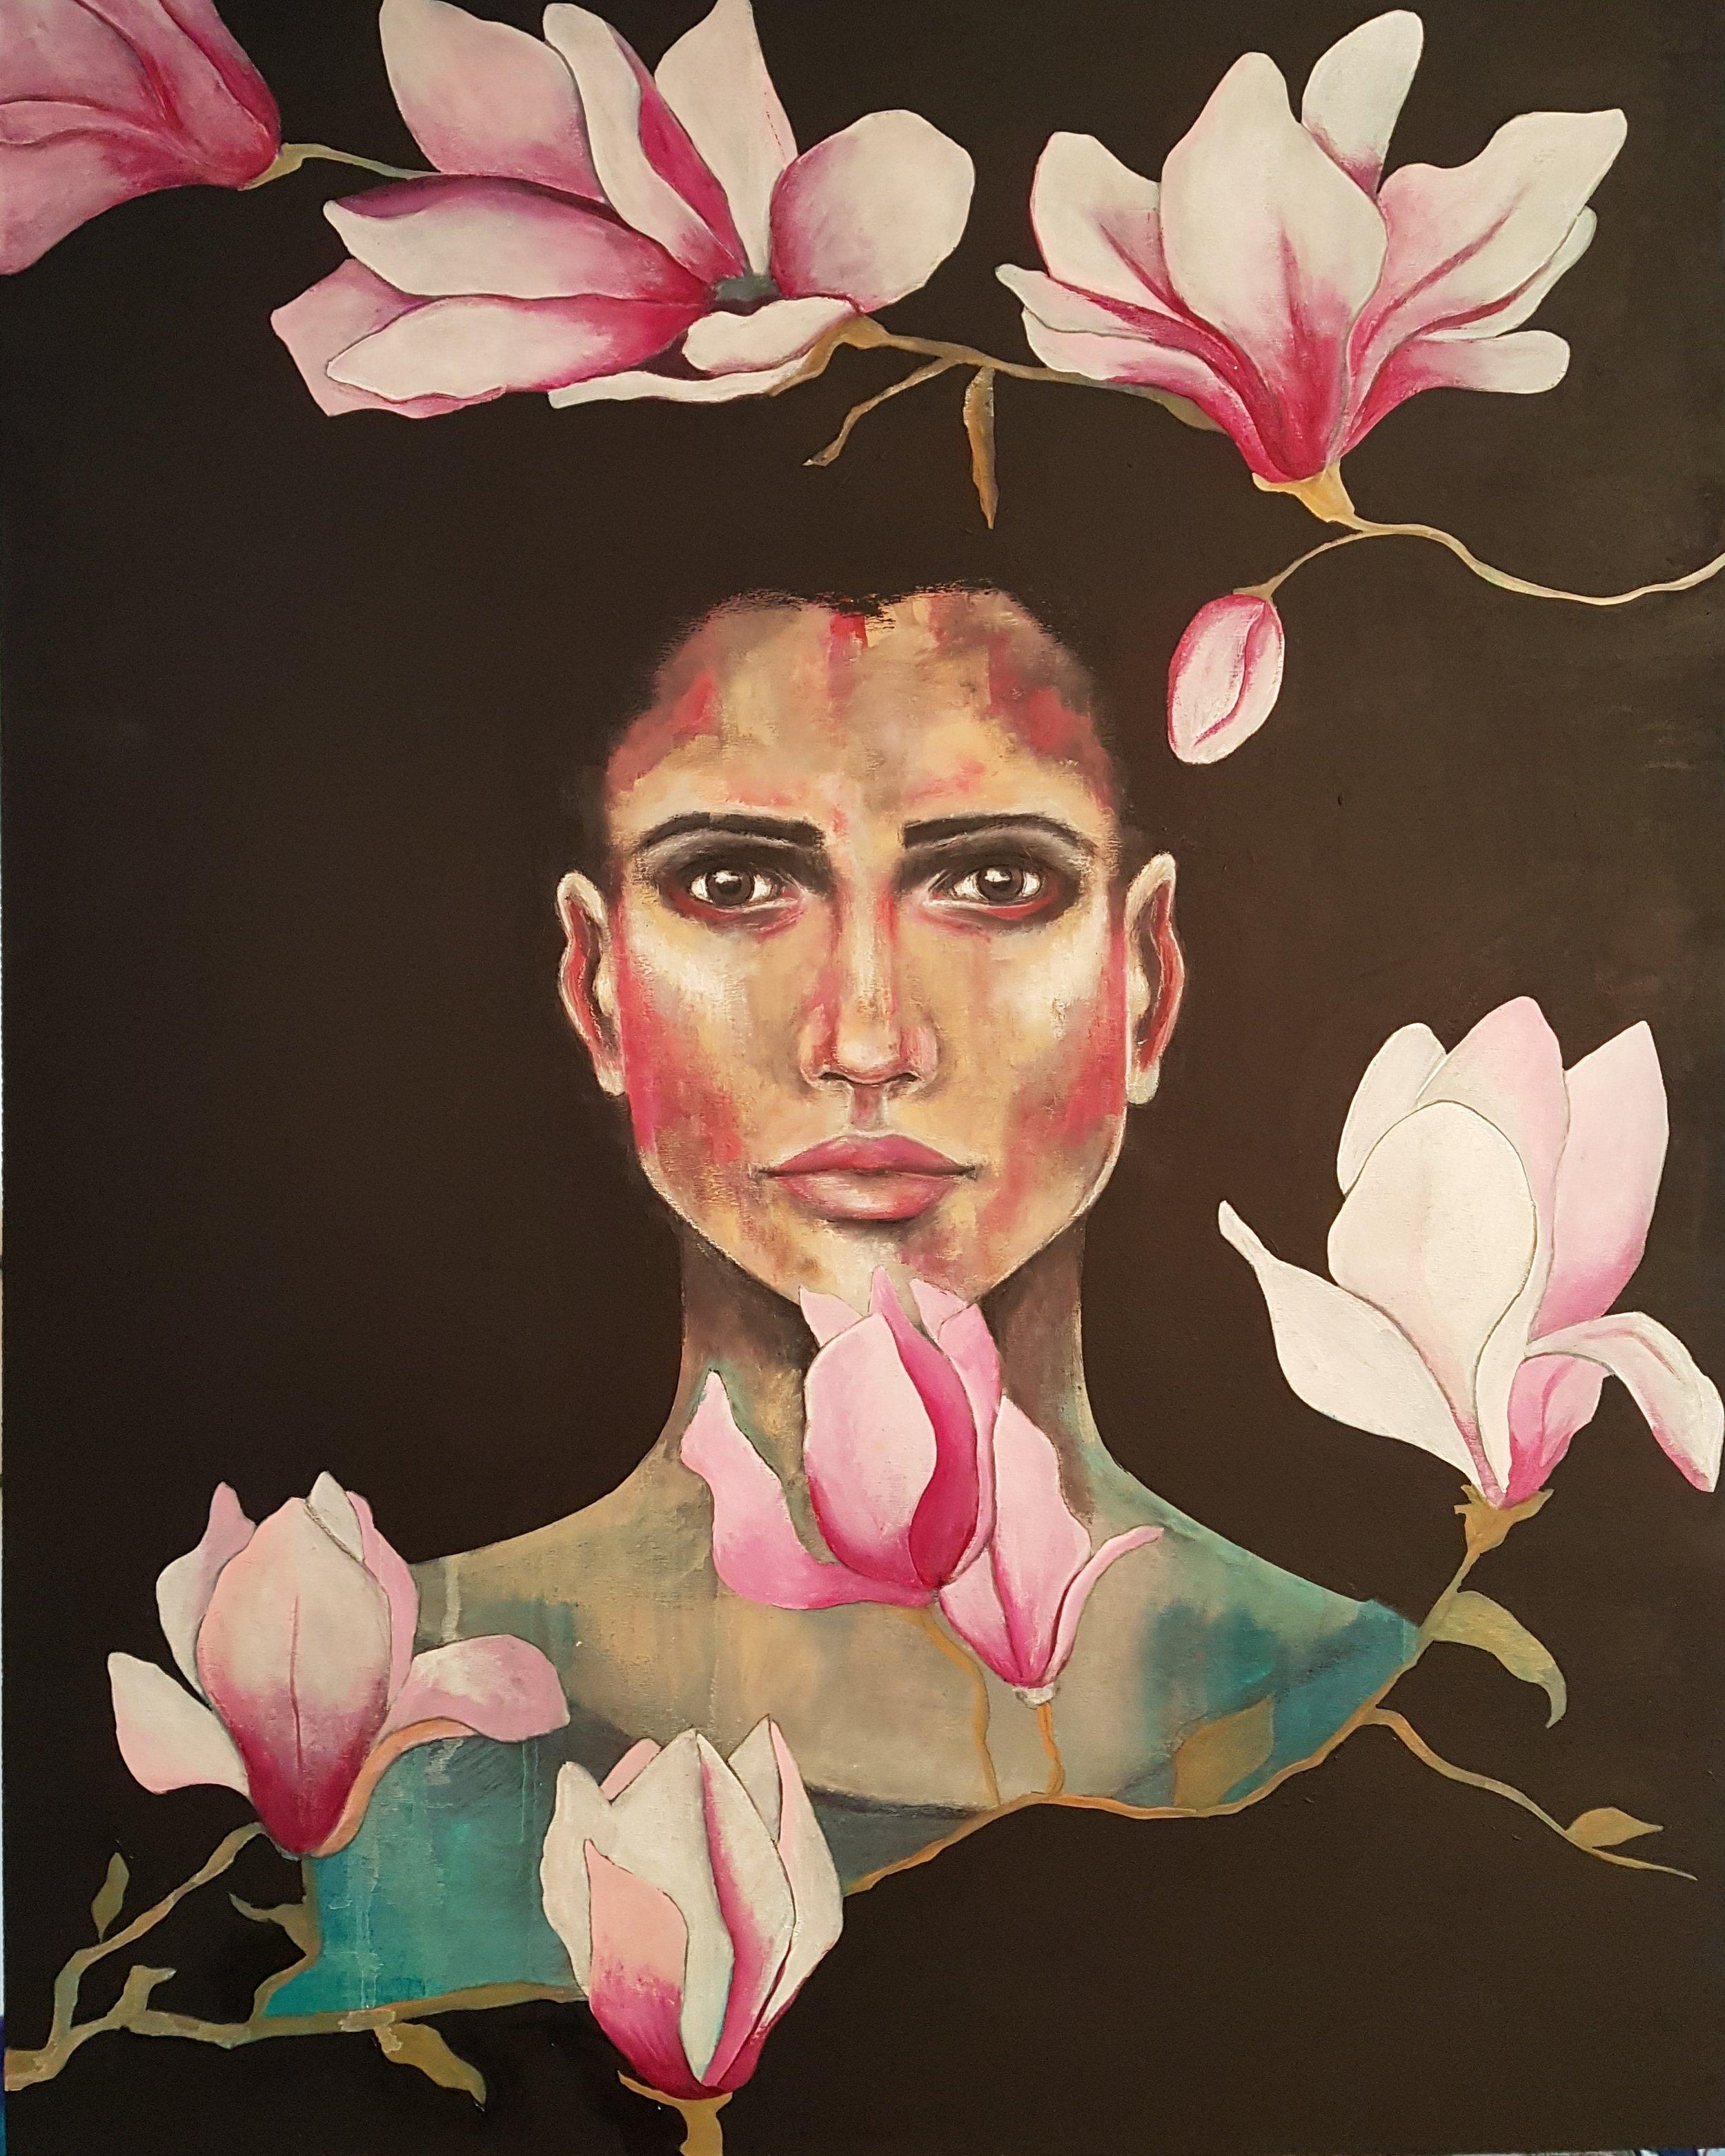 Muriel Stegers Dutch artist